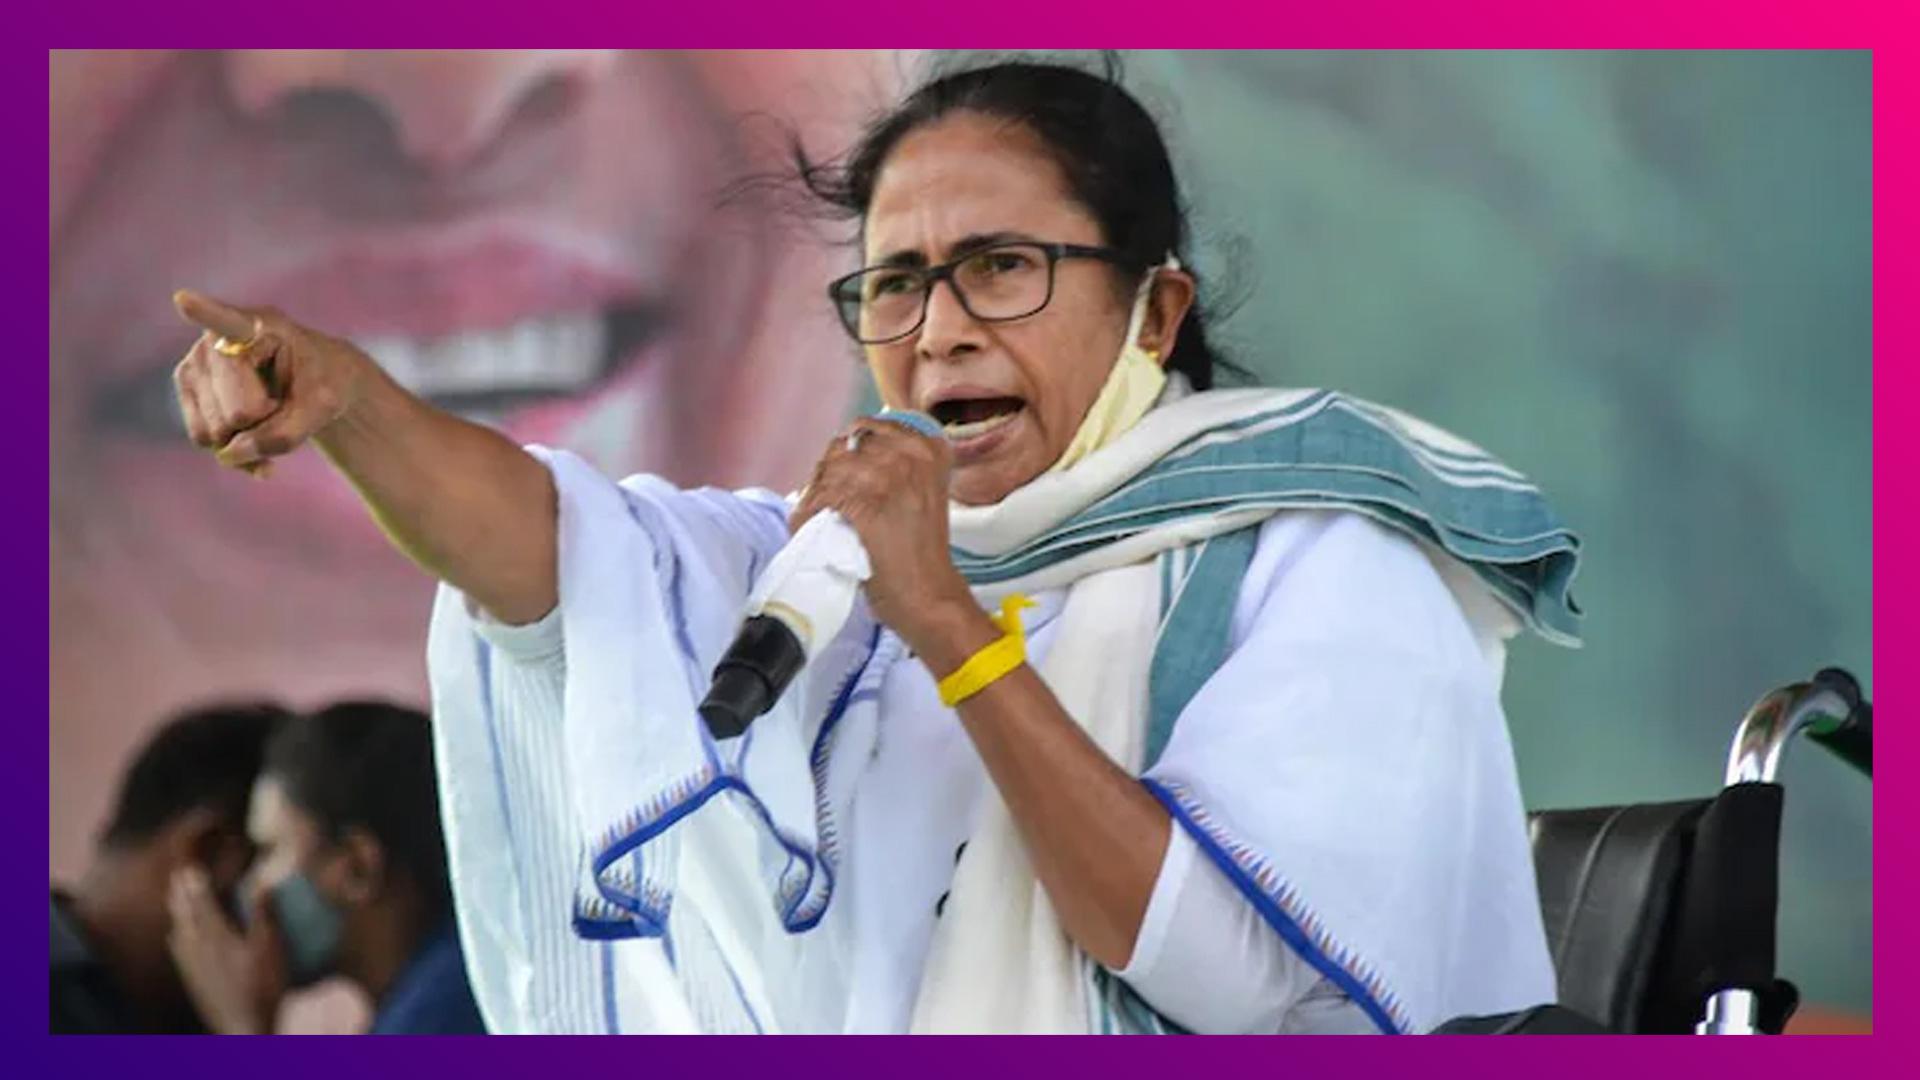 Mamata Banerjee: 'নন্দীগ্রামে ভোট নিয়ে কমিশনের কারচুপি', পুনর্গণনার দাবি মমতা বন্দোপাধ্যায়ের